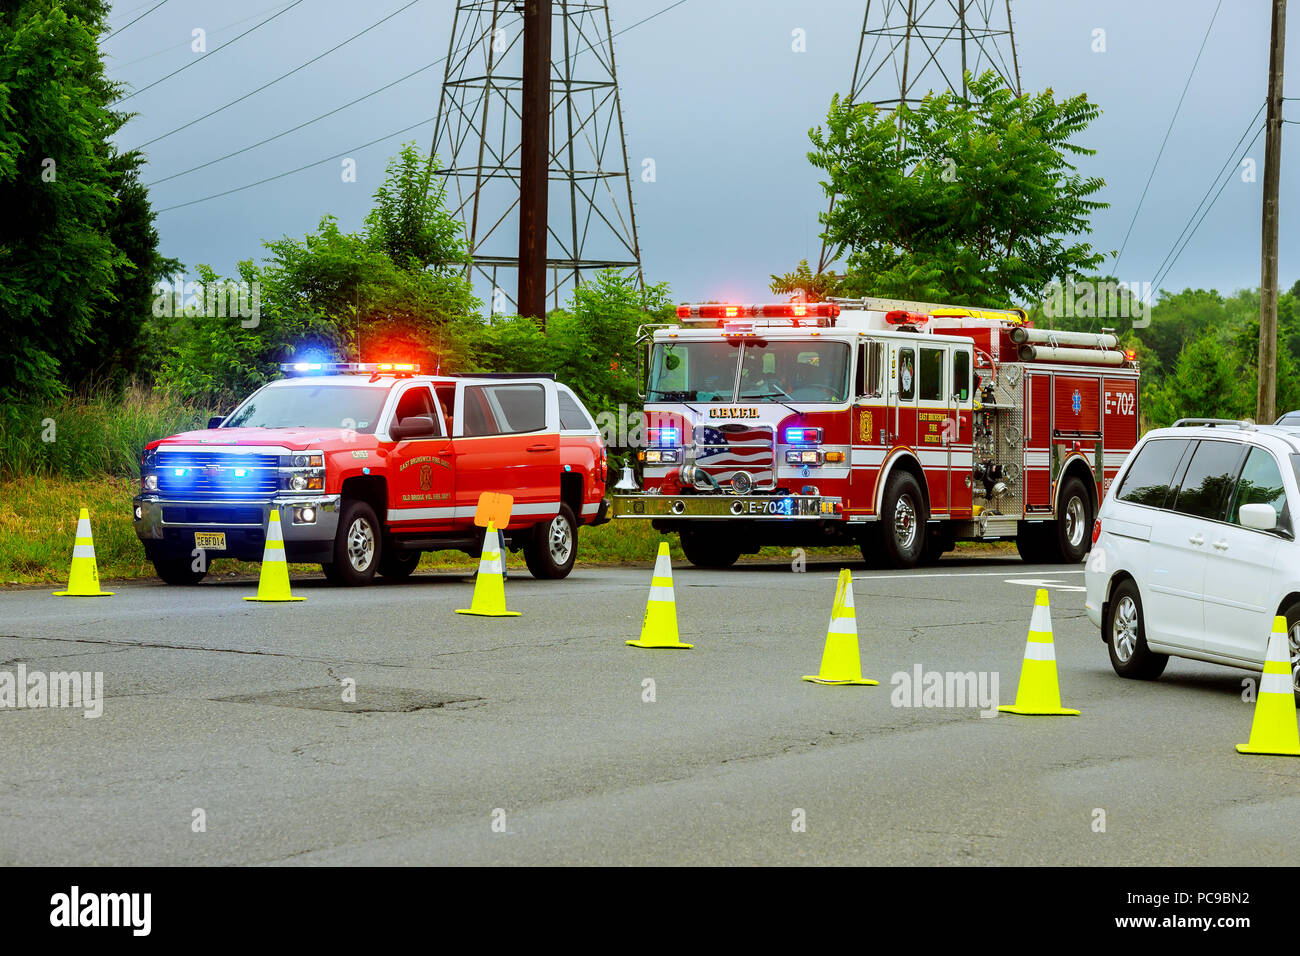 Sayreville NJ USA - Jujy 02, 2018: Emergency service damaged